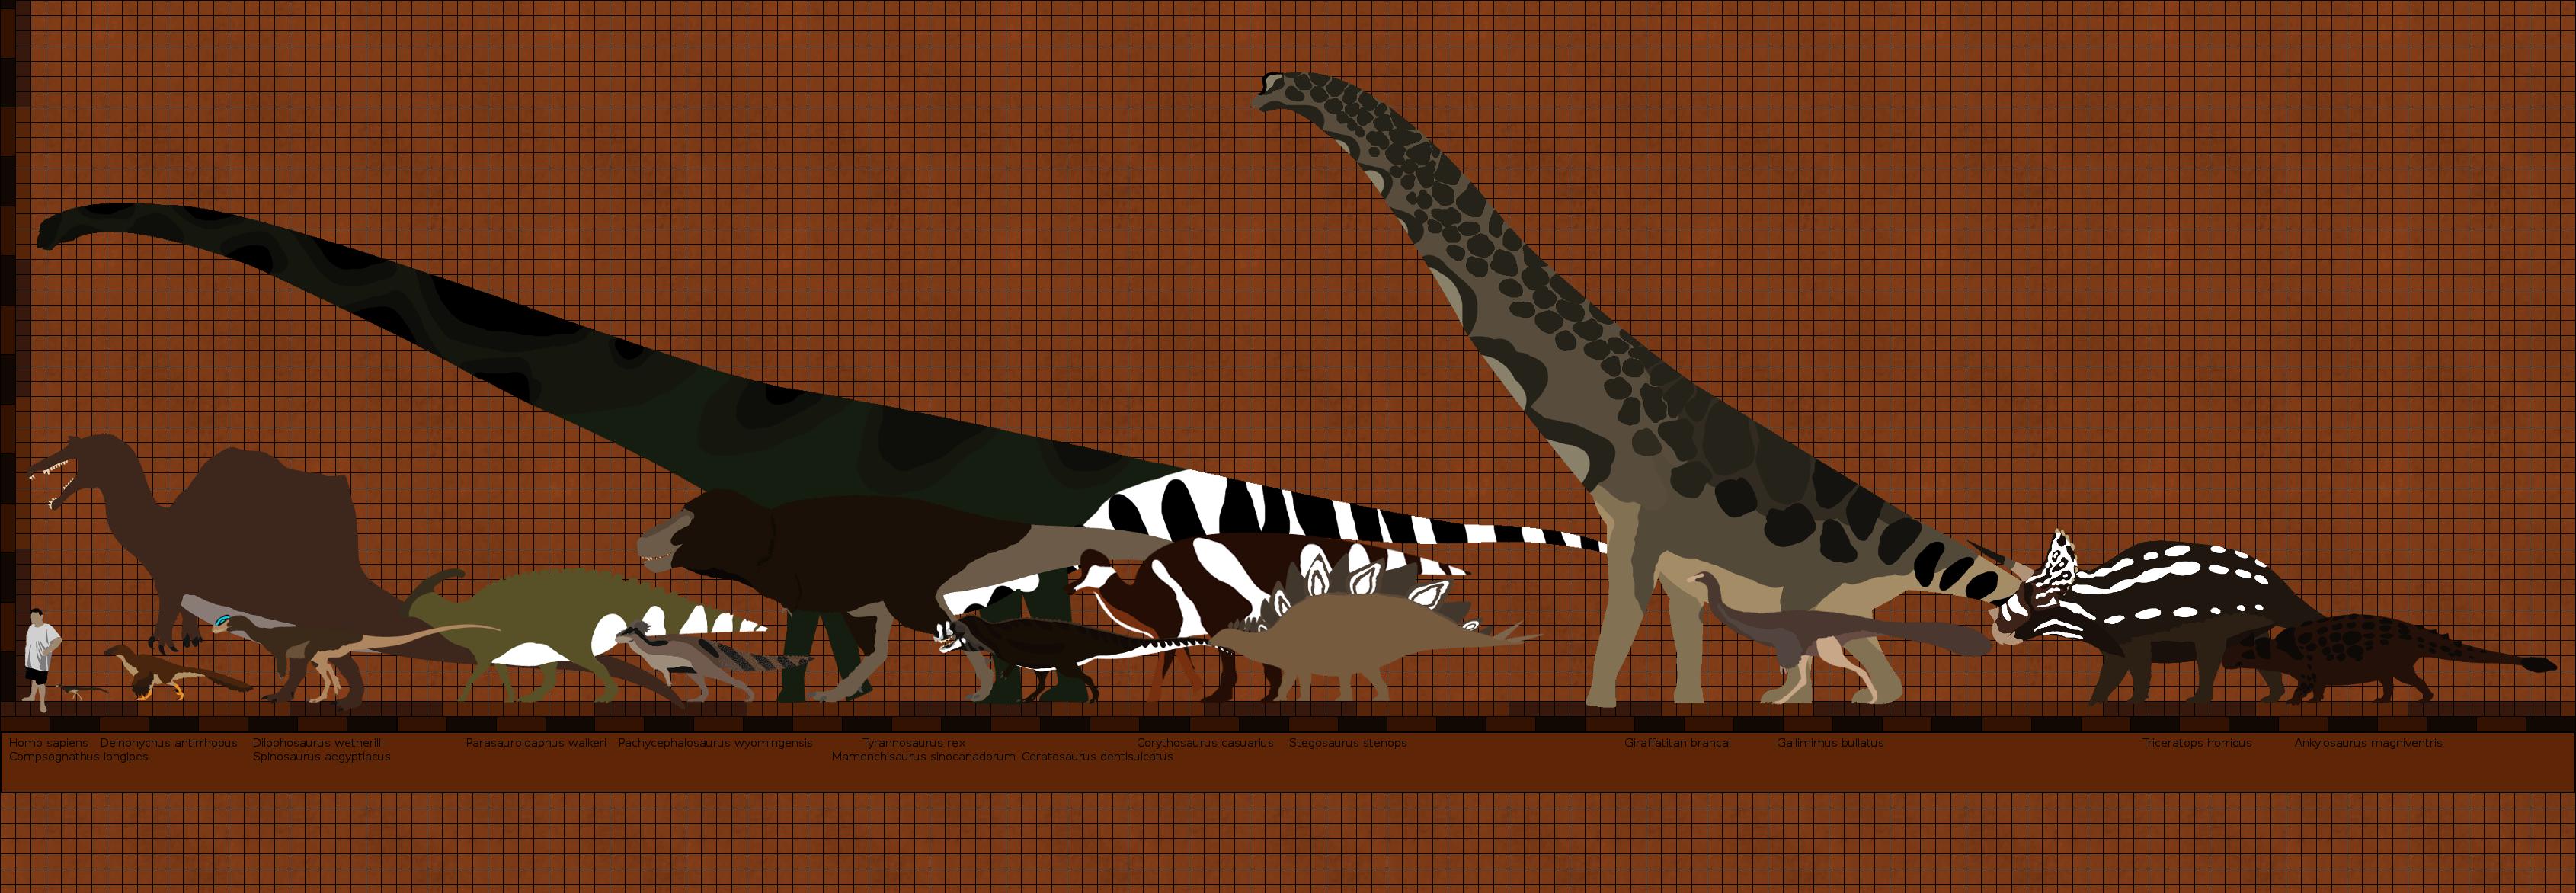 Jurassic park trilogy dinosaurs by Paleop on DeviantArt